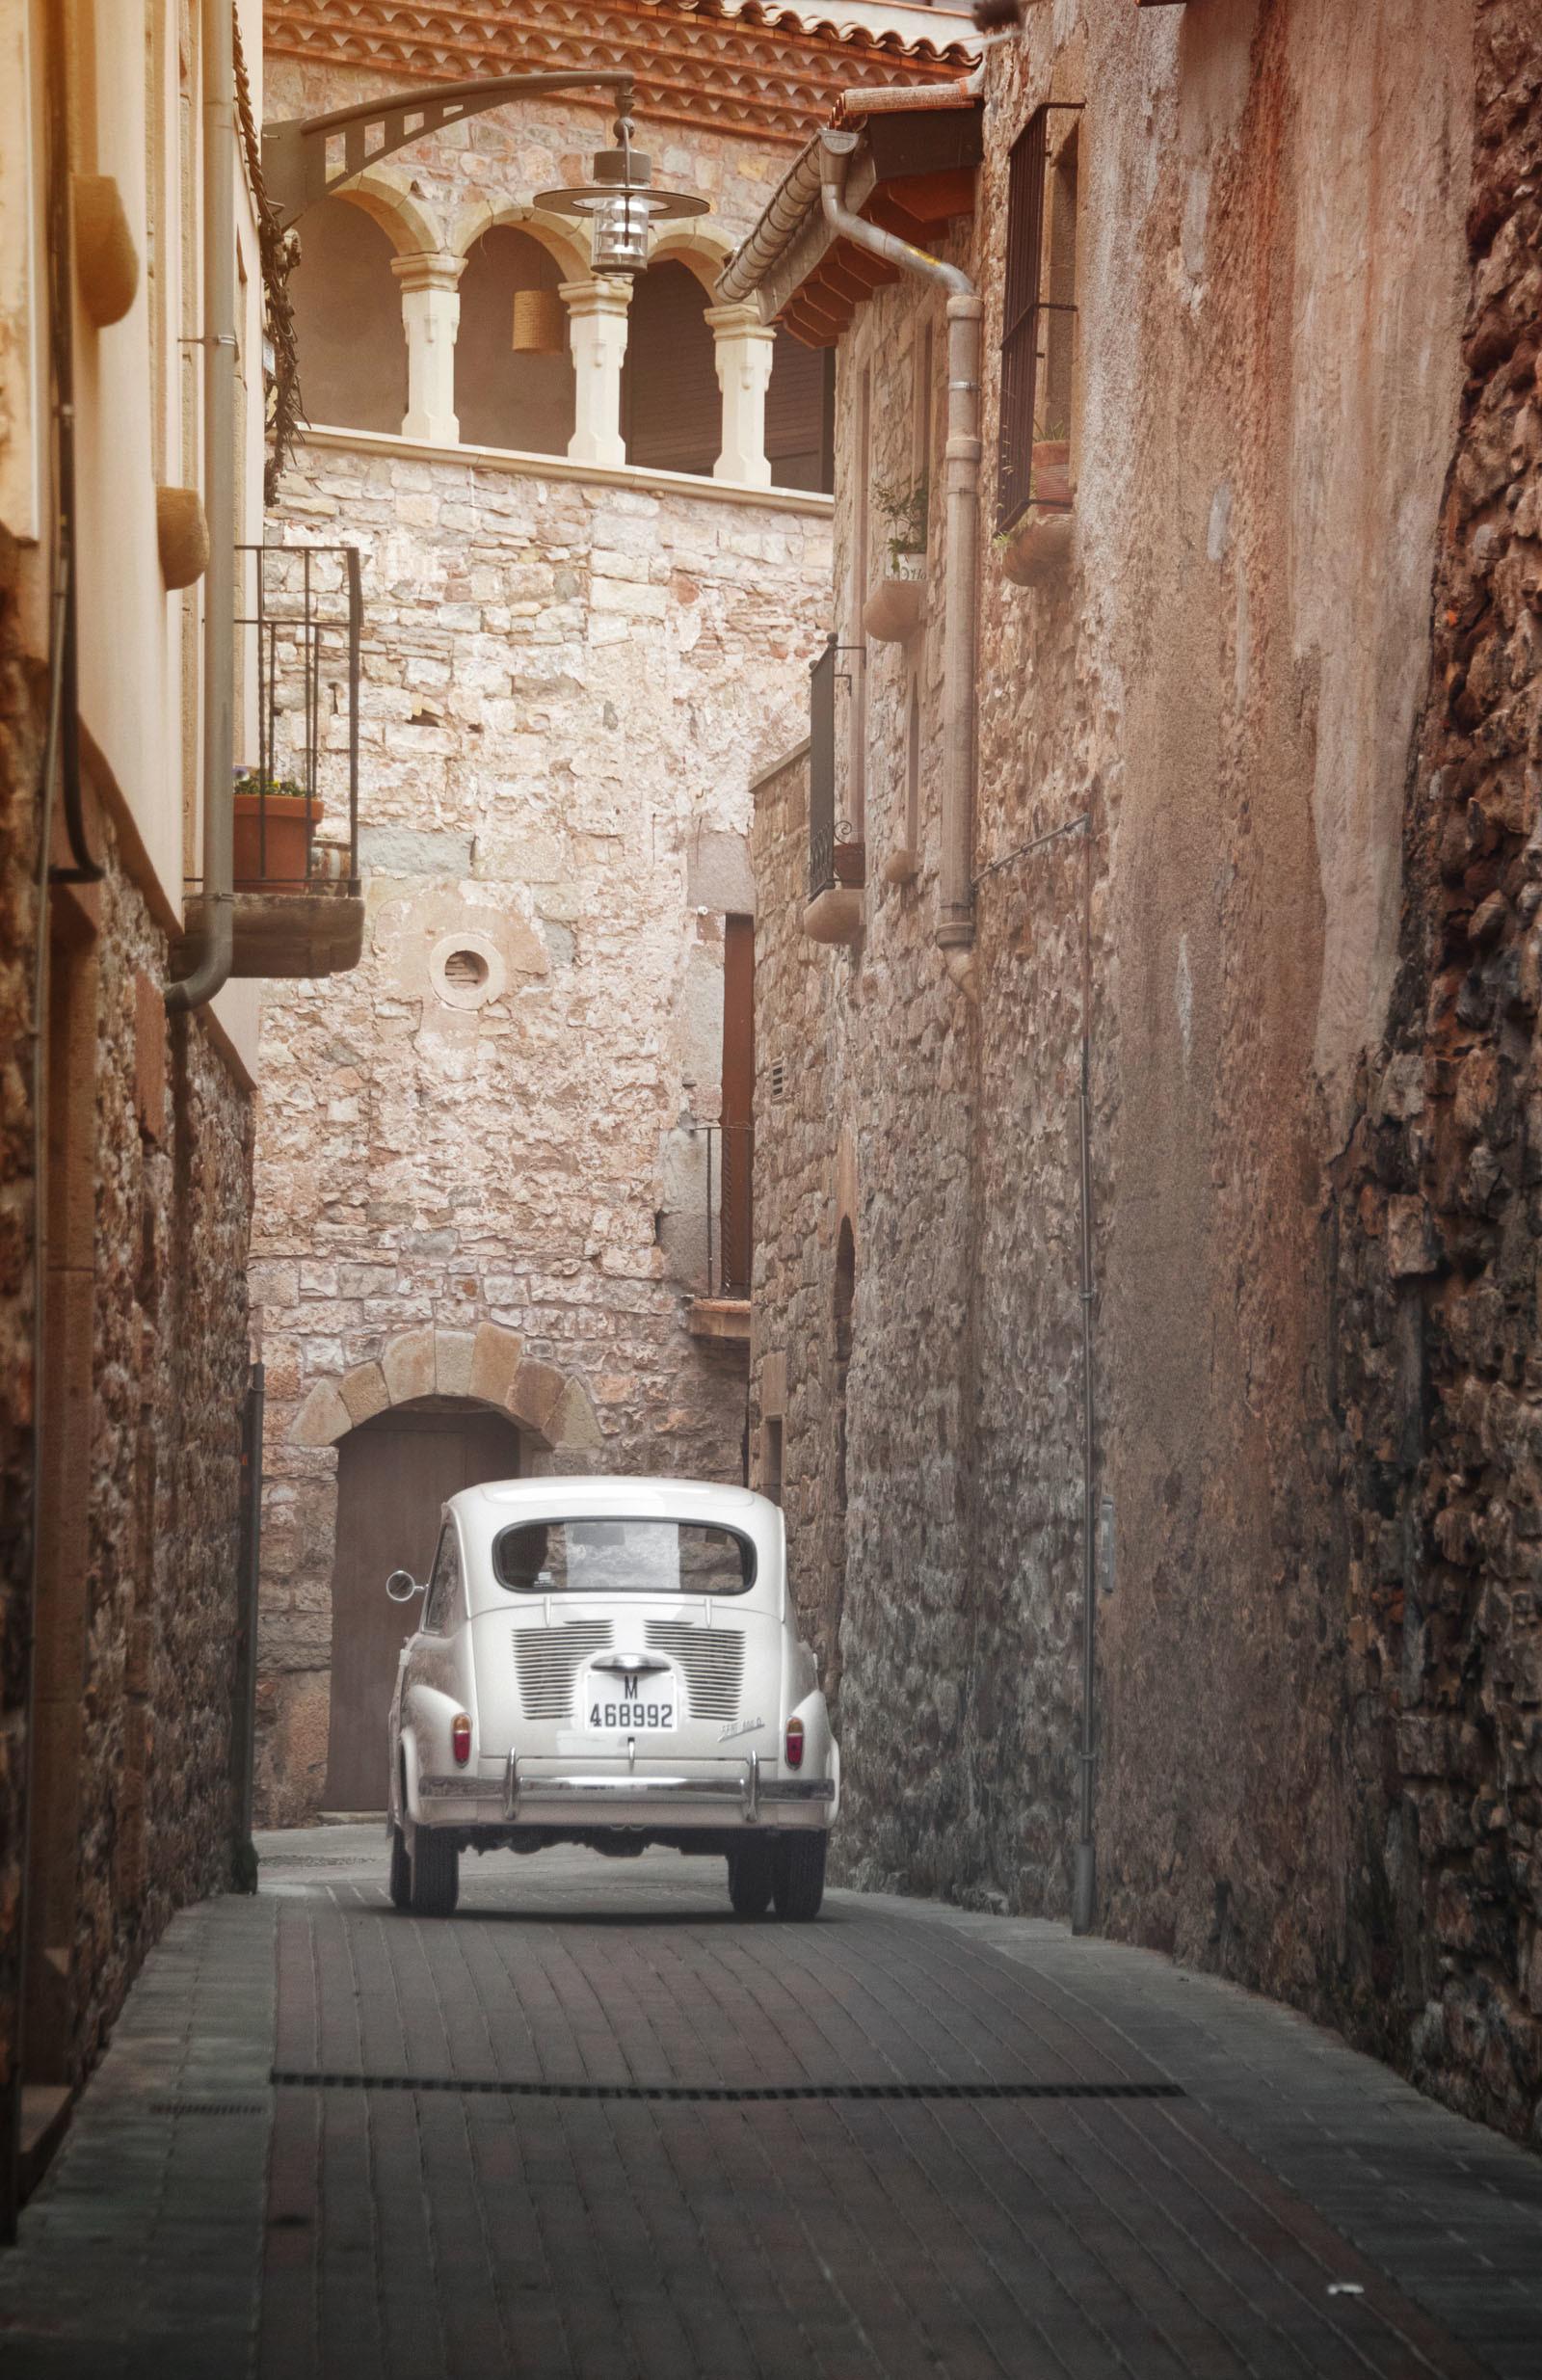 Foto de SEAT 600 (50 Aniversario) (14/64)